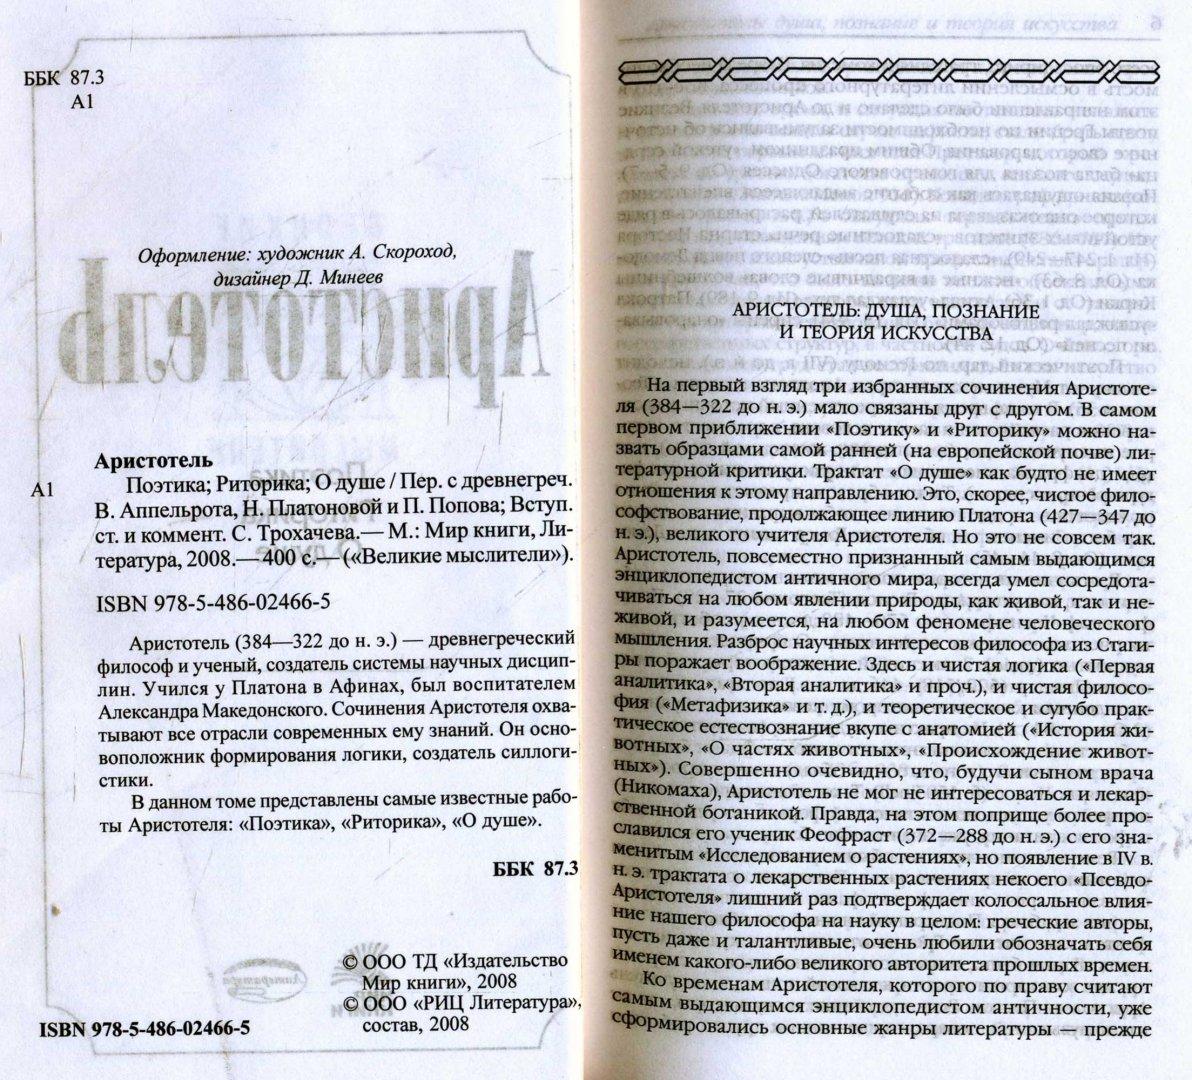 Иллюстрация 1 из 5 для О душе - Аристотель   Лабиринт - книги. Источник: Лабиринт